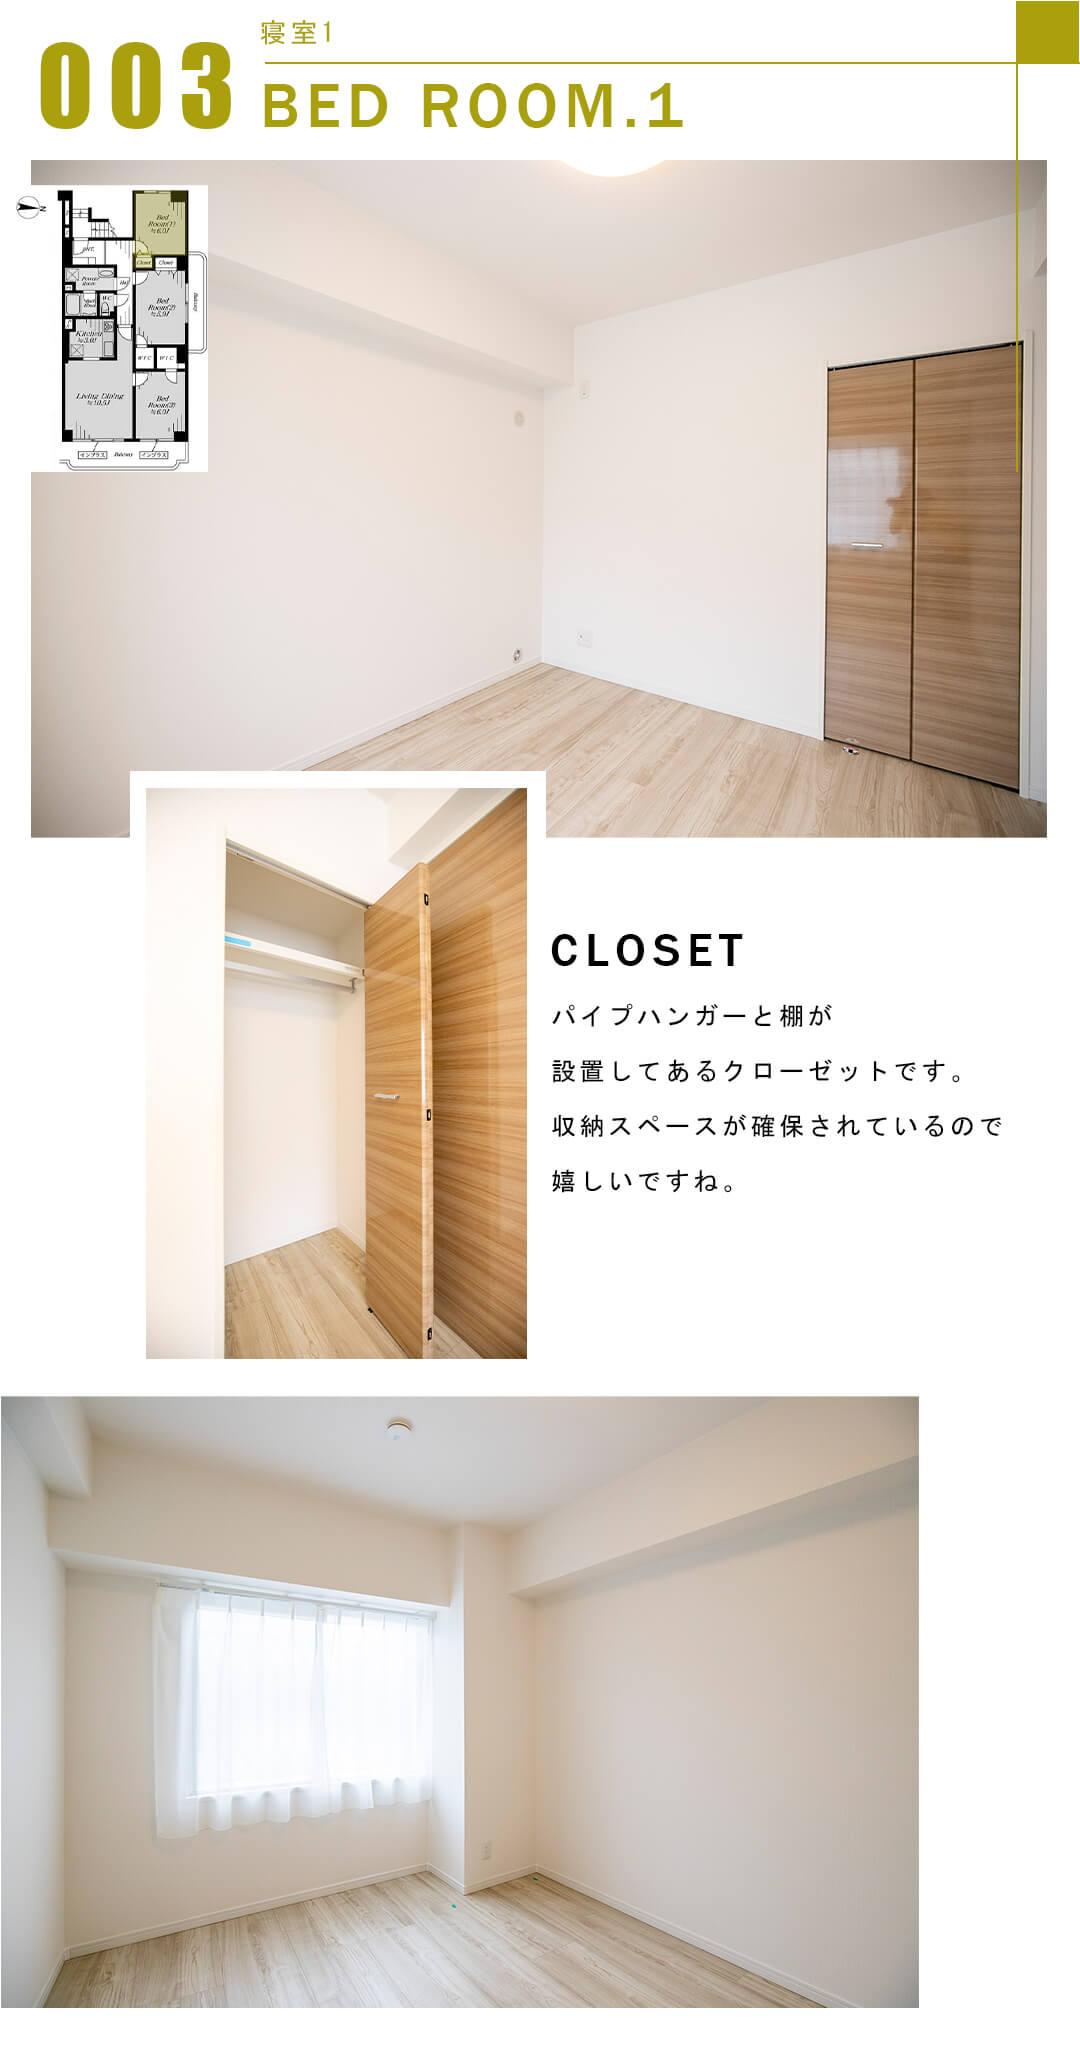 003寝室1,BEDROOM.1